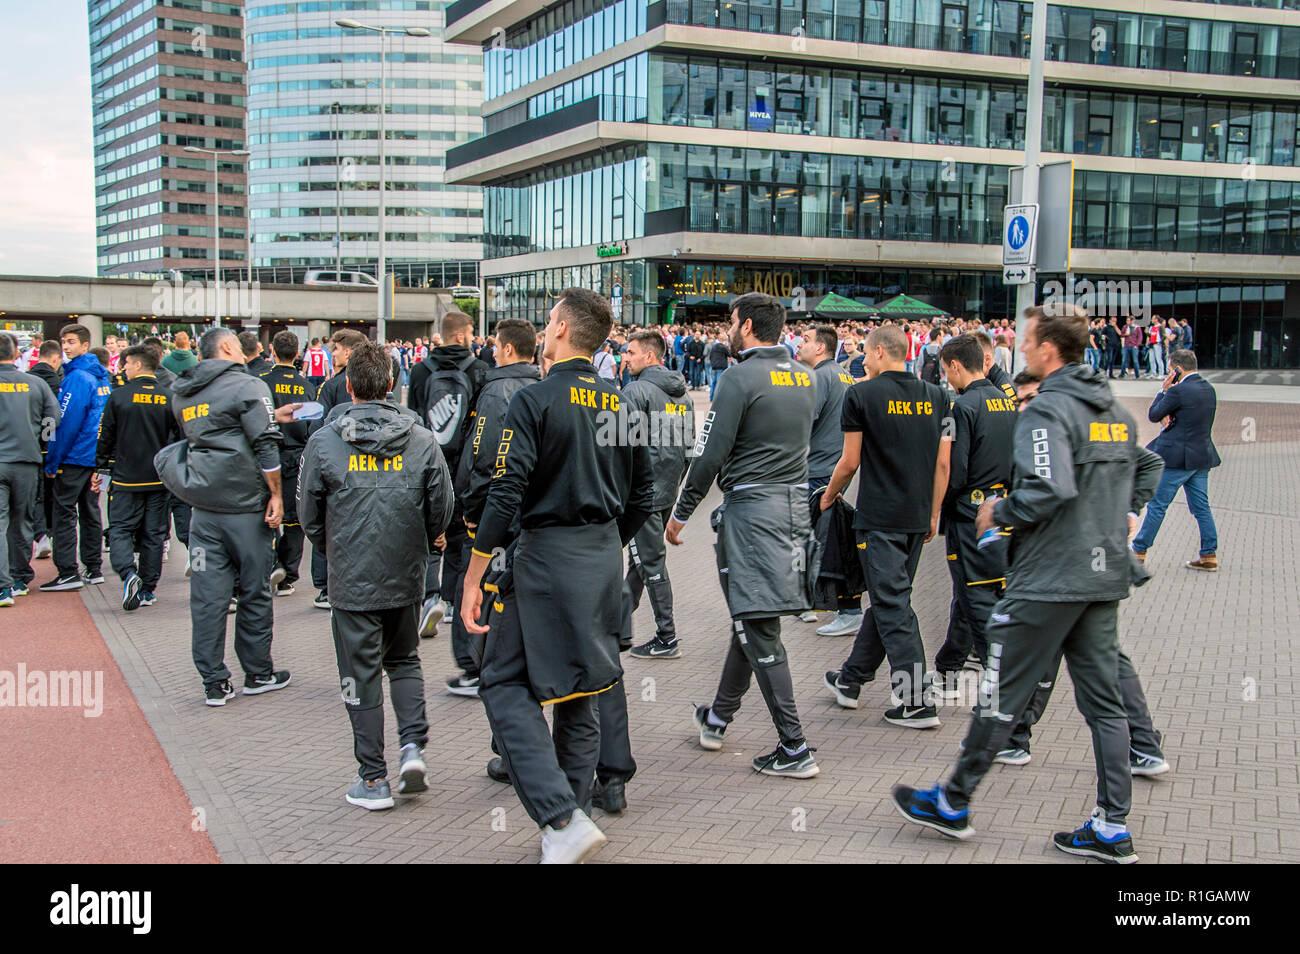 L'équipe des jeunes à l'AEK Amsterdam The Netherlands 2018 Photo Stock